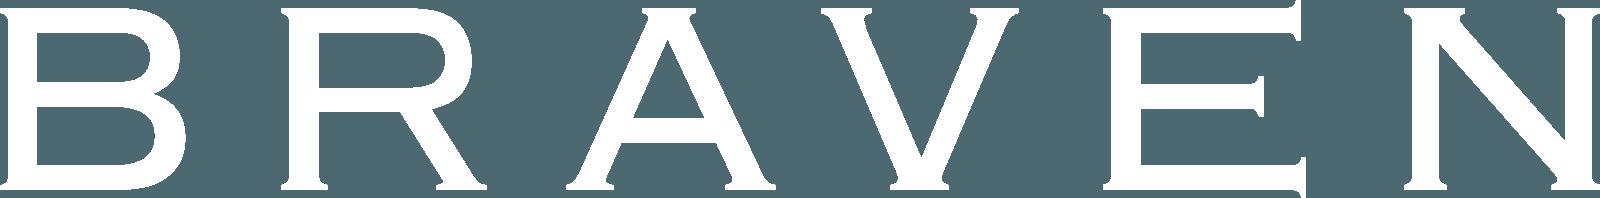 Braven Restaurant logo